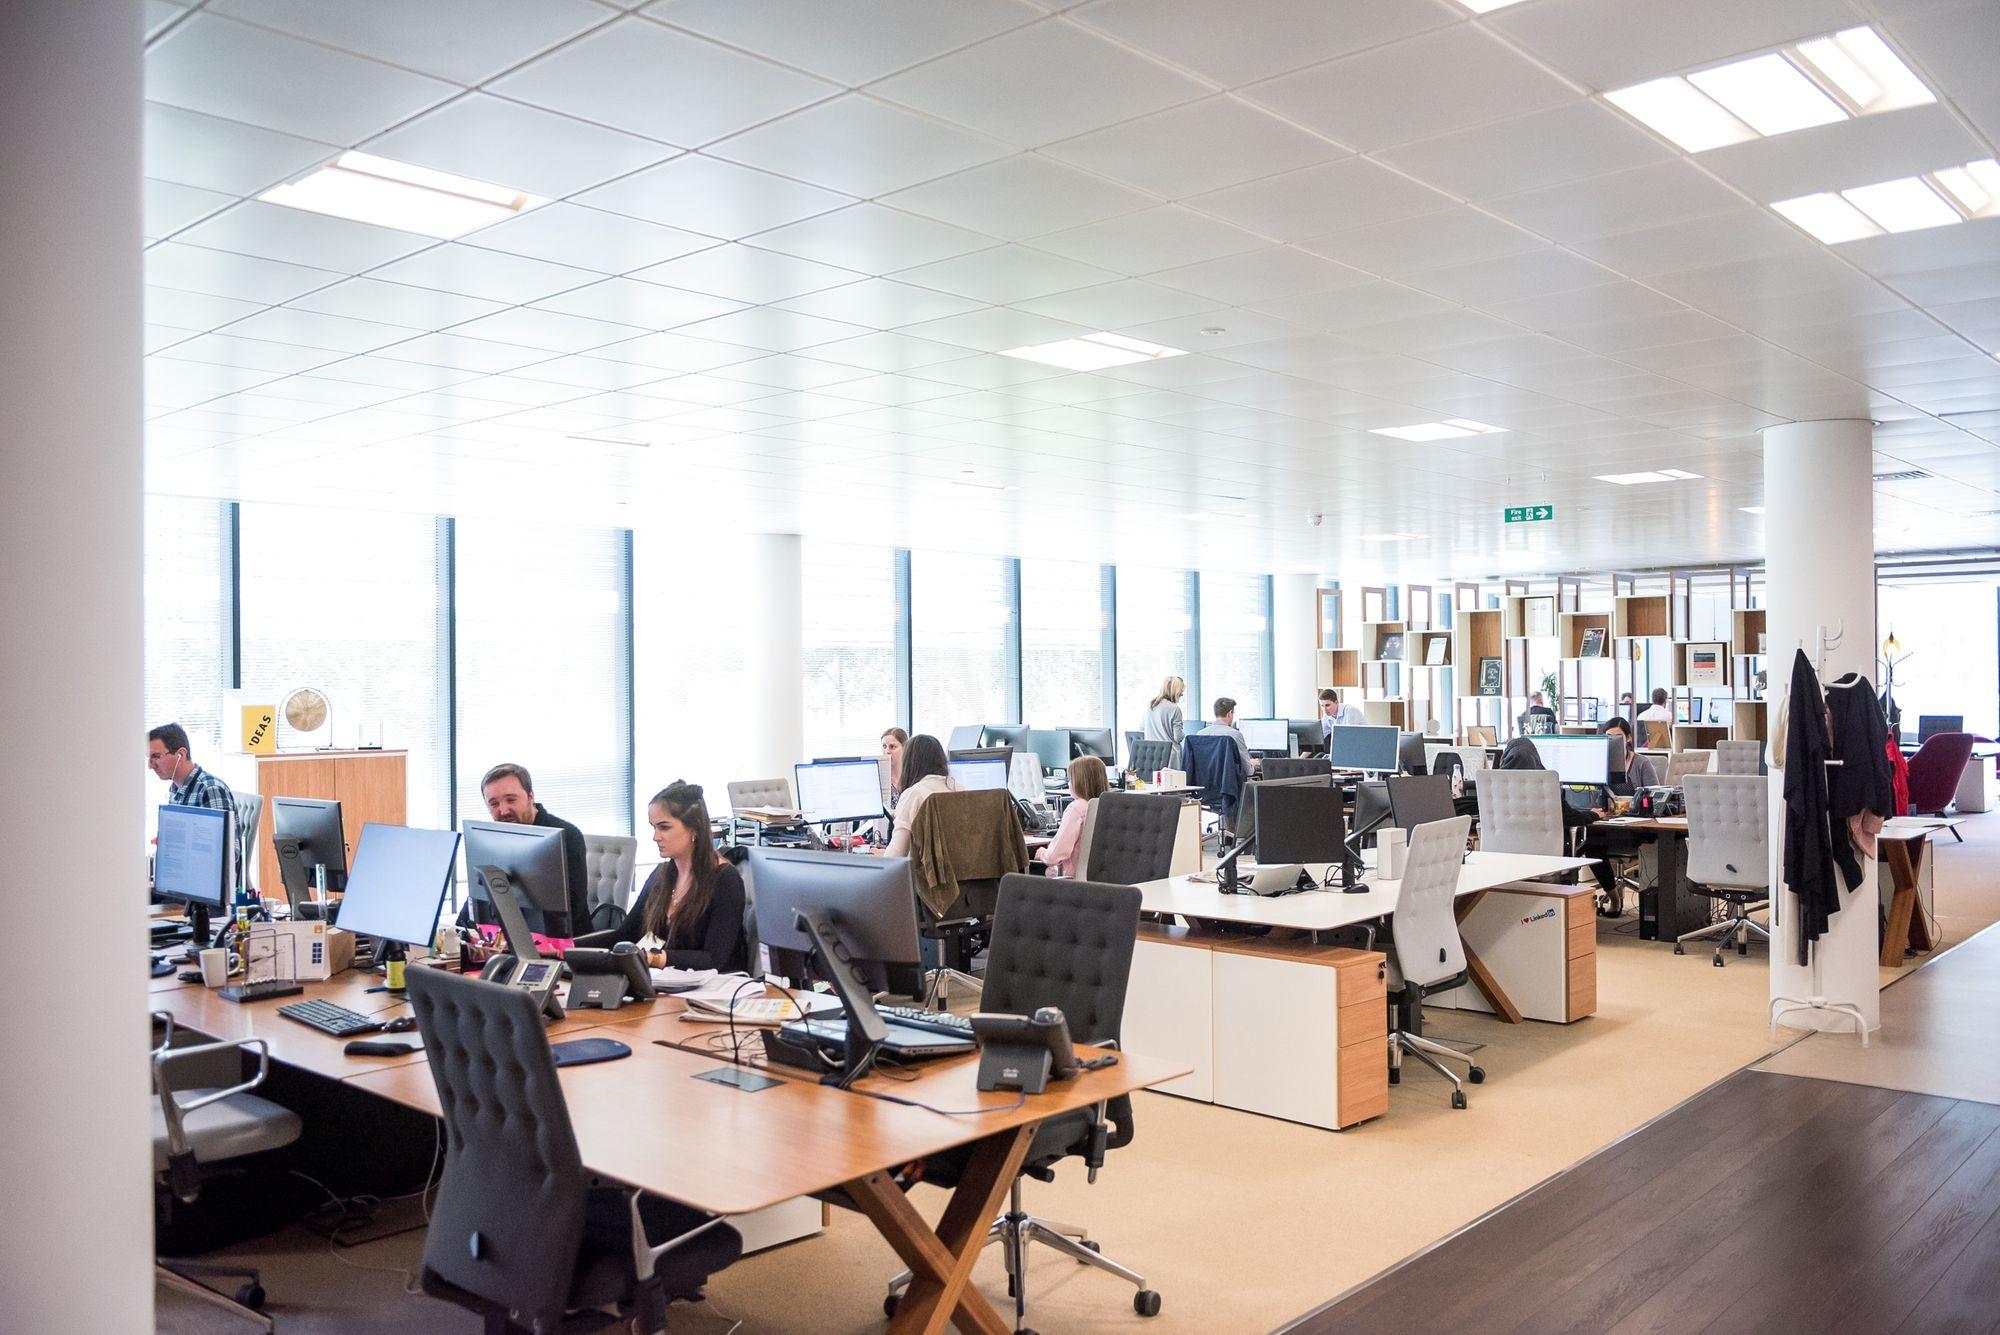 sala de trabalho mostra diversos profissionais trabalhando diante de seus computadores